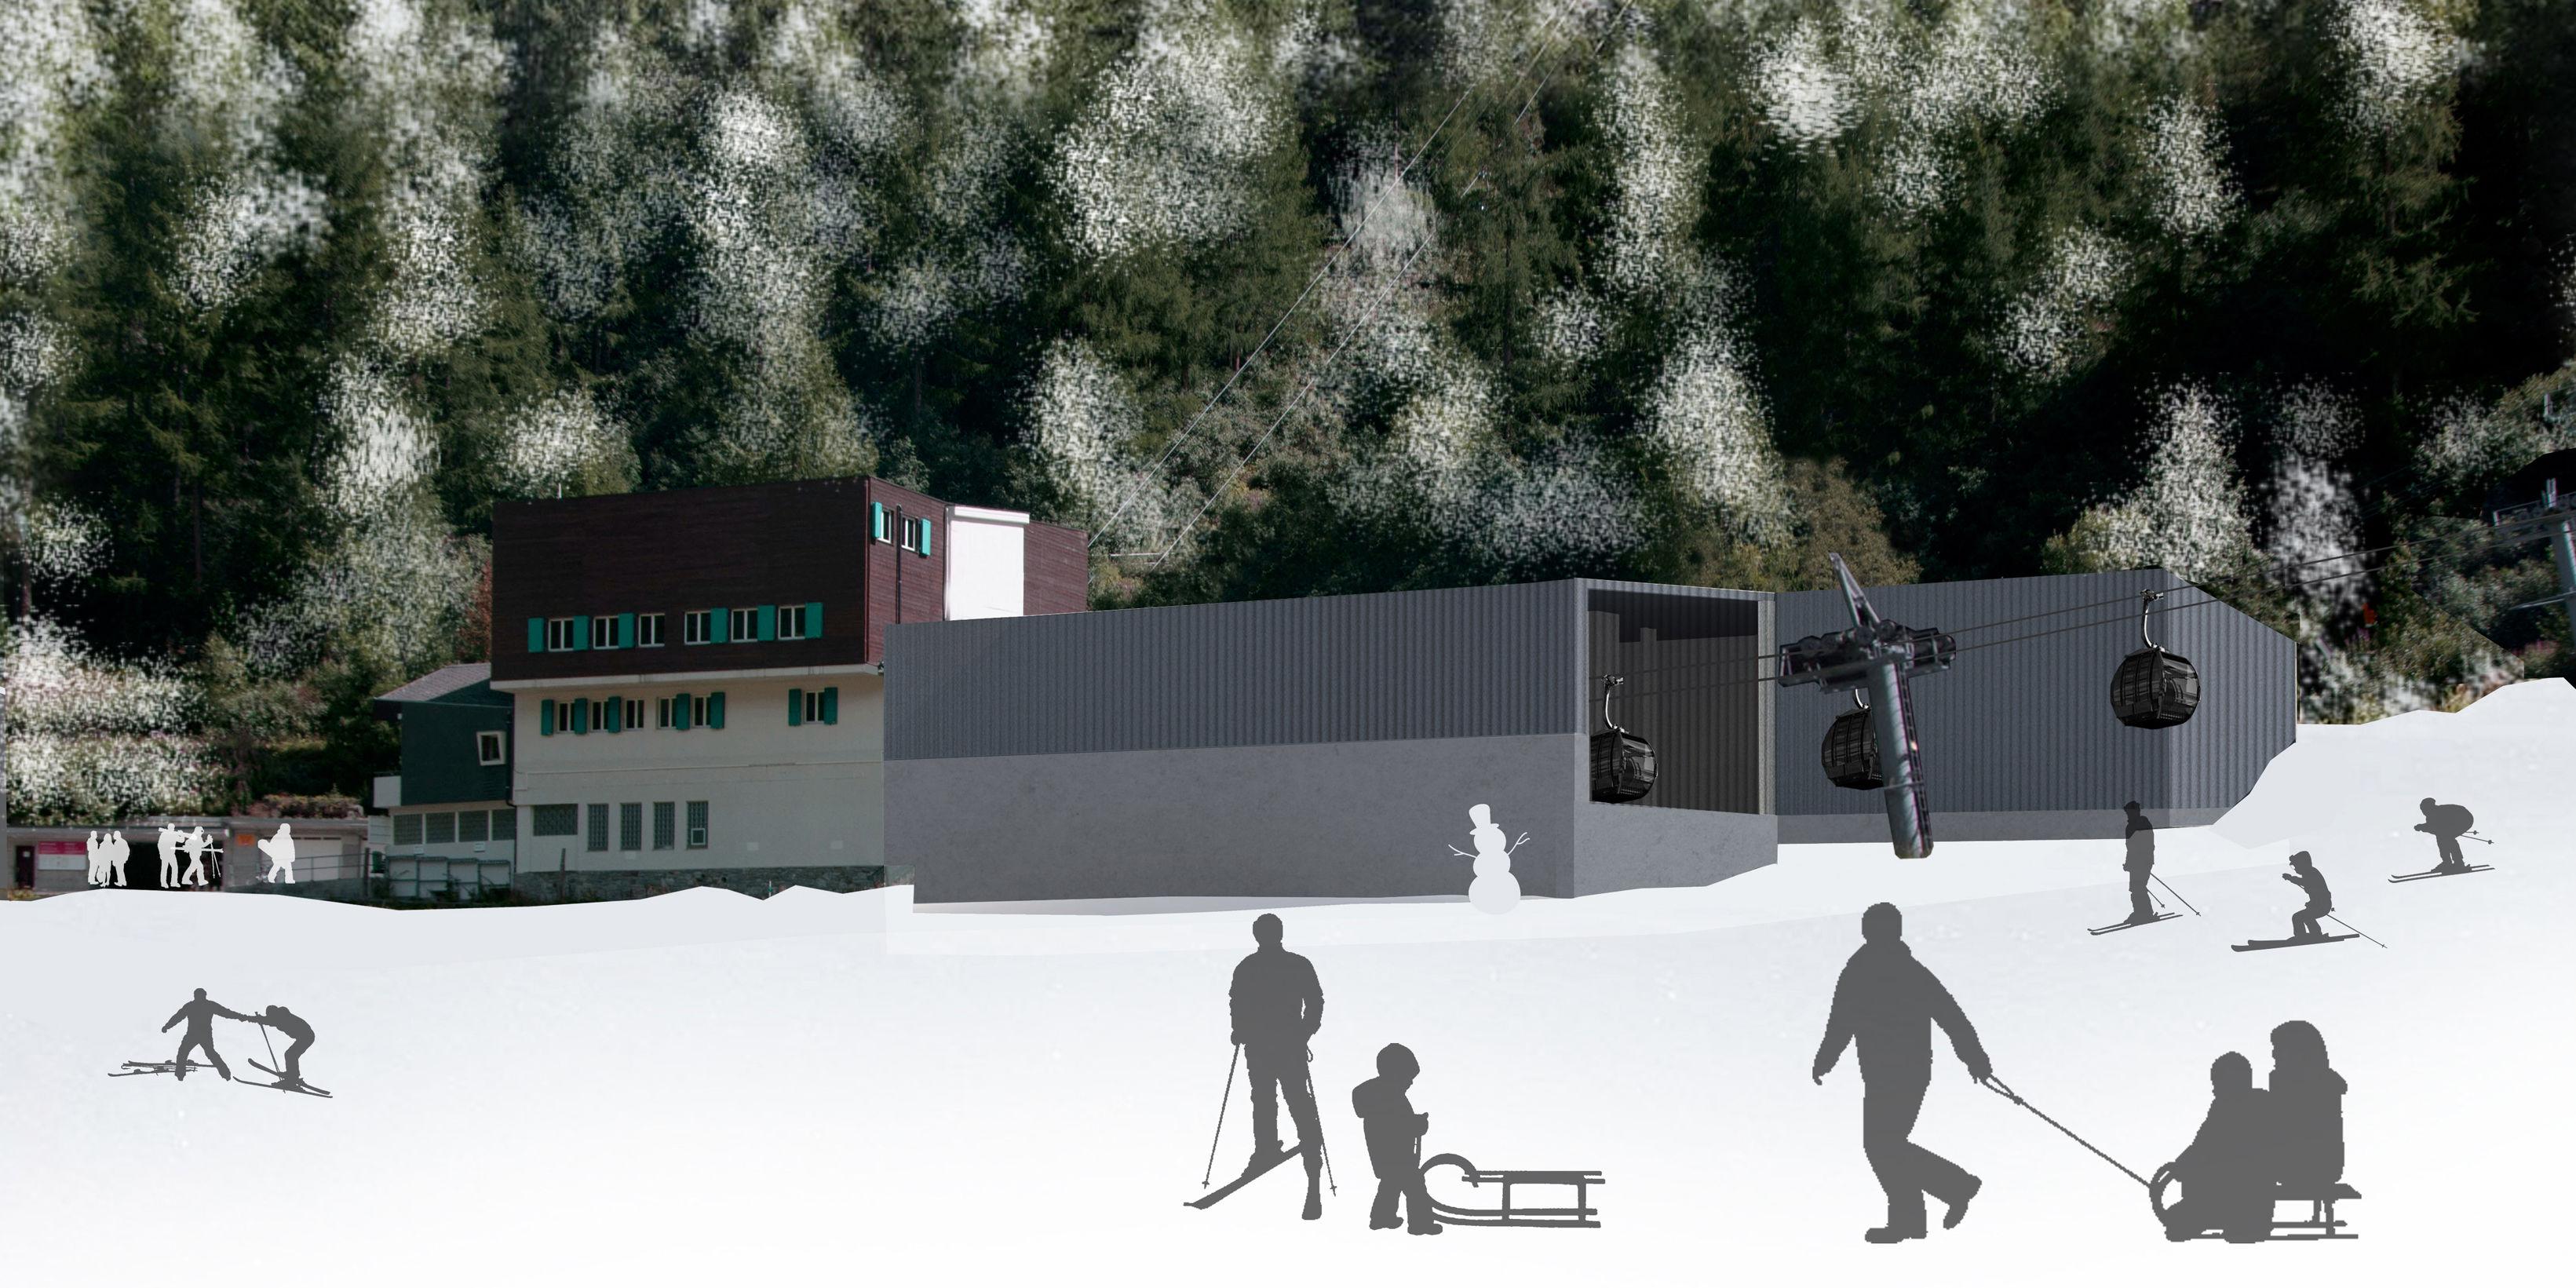 Neue Spielboden Bahn Freie Ferienrepublik Saas-Fee